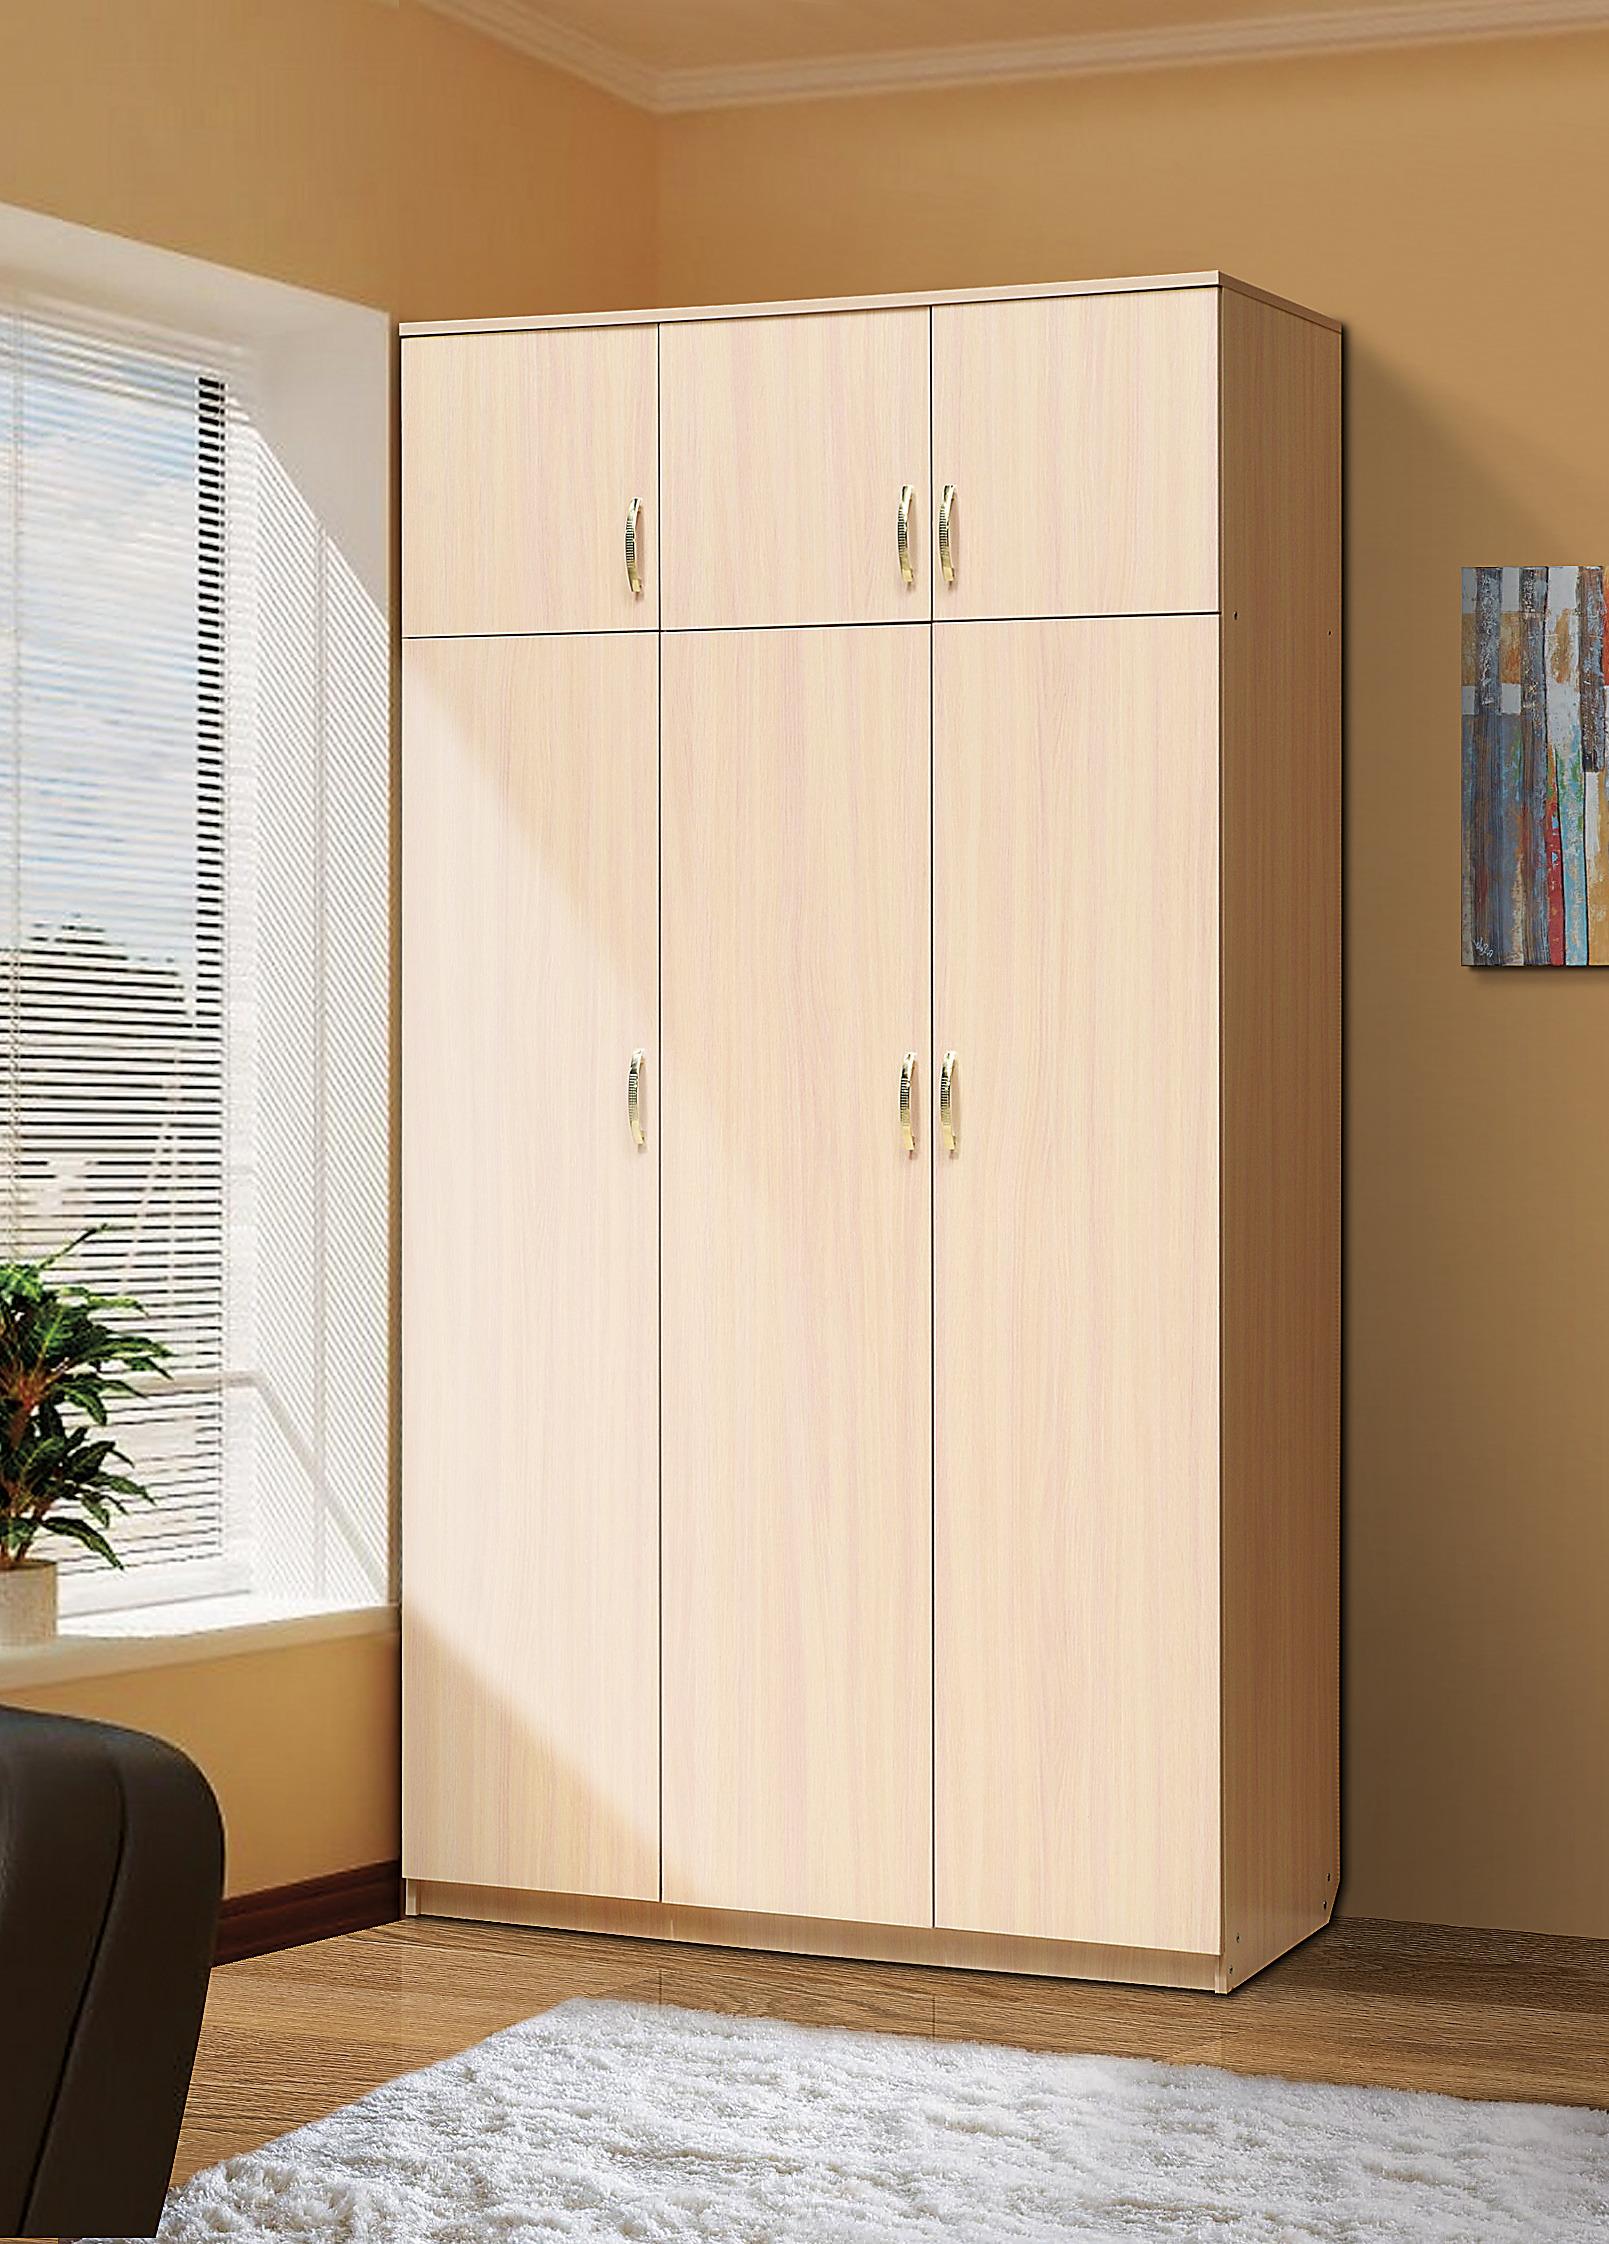 Шкаф 3-х  ств  антресольюШкафы<br><br><br>Длина мм: 1200<br>Высота мм: 2116<br>Глубина мм: 520